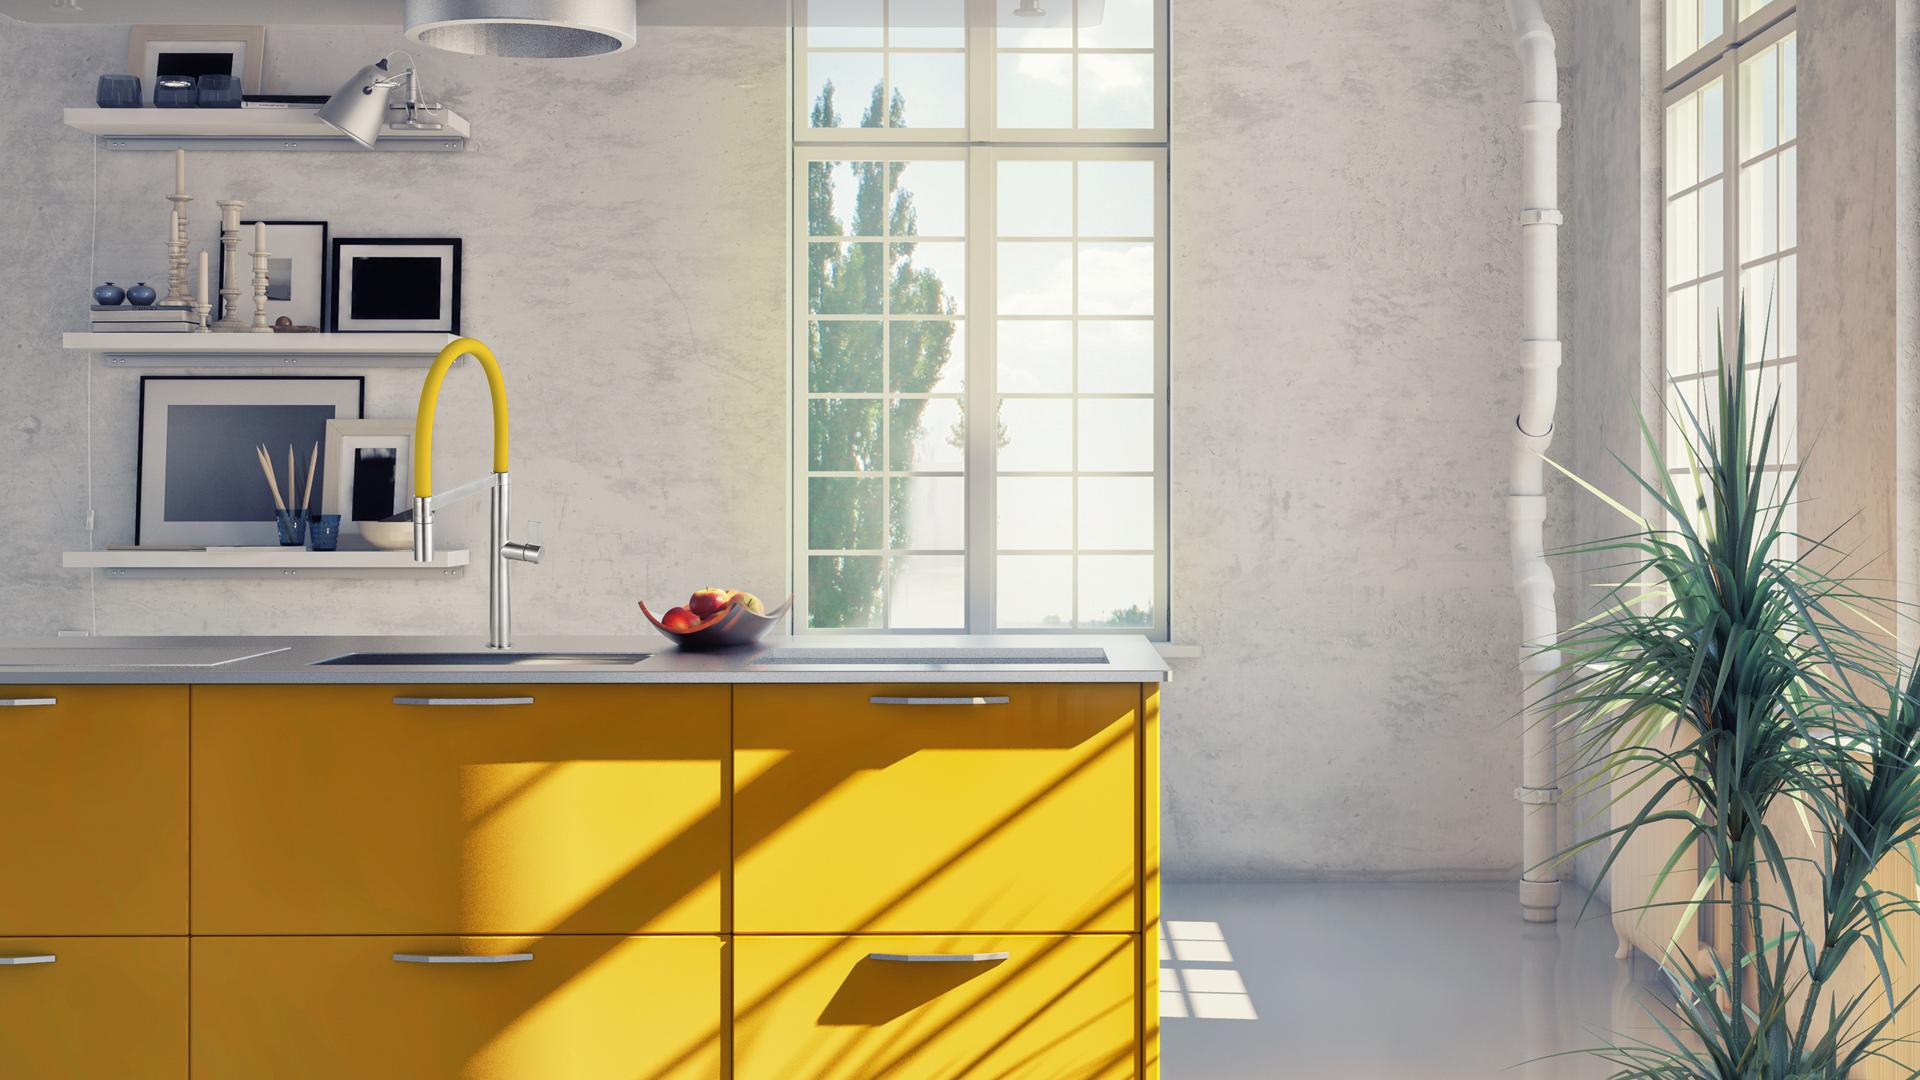 Keuken Ideeen Kleur : Kleur in de keuken met caressi colours nieuws startpagina voor